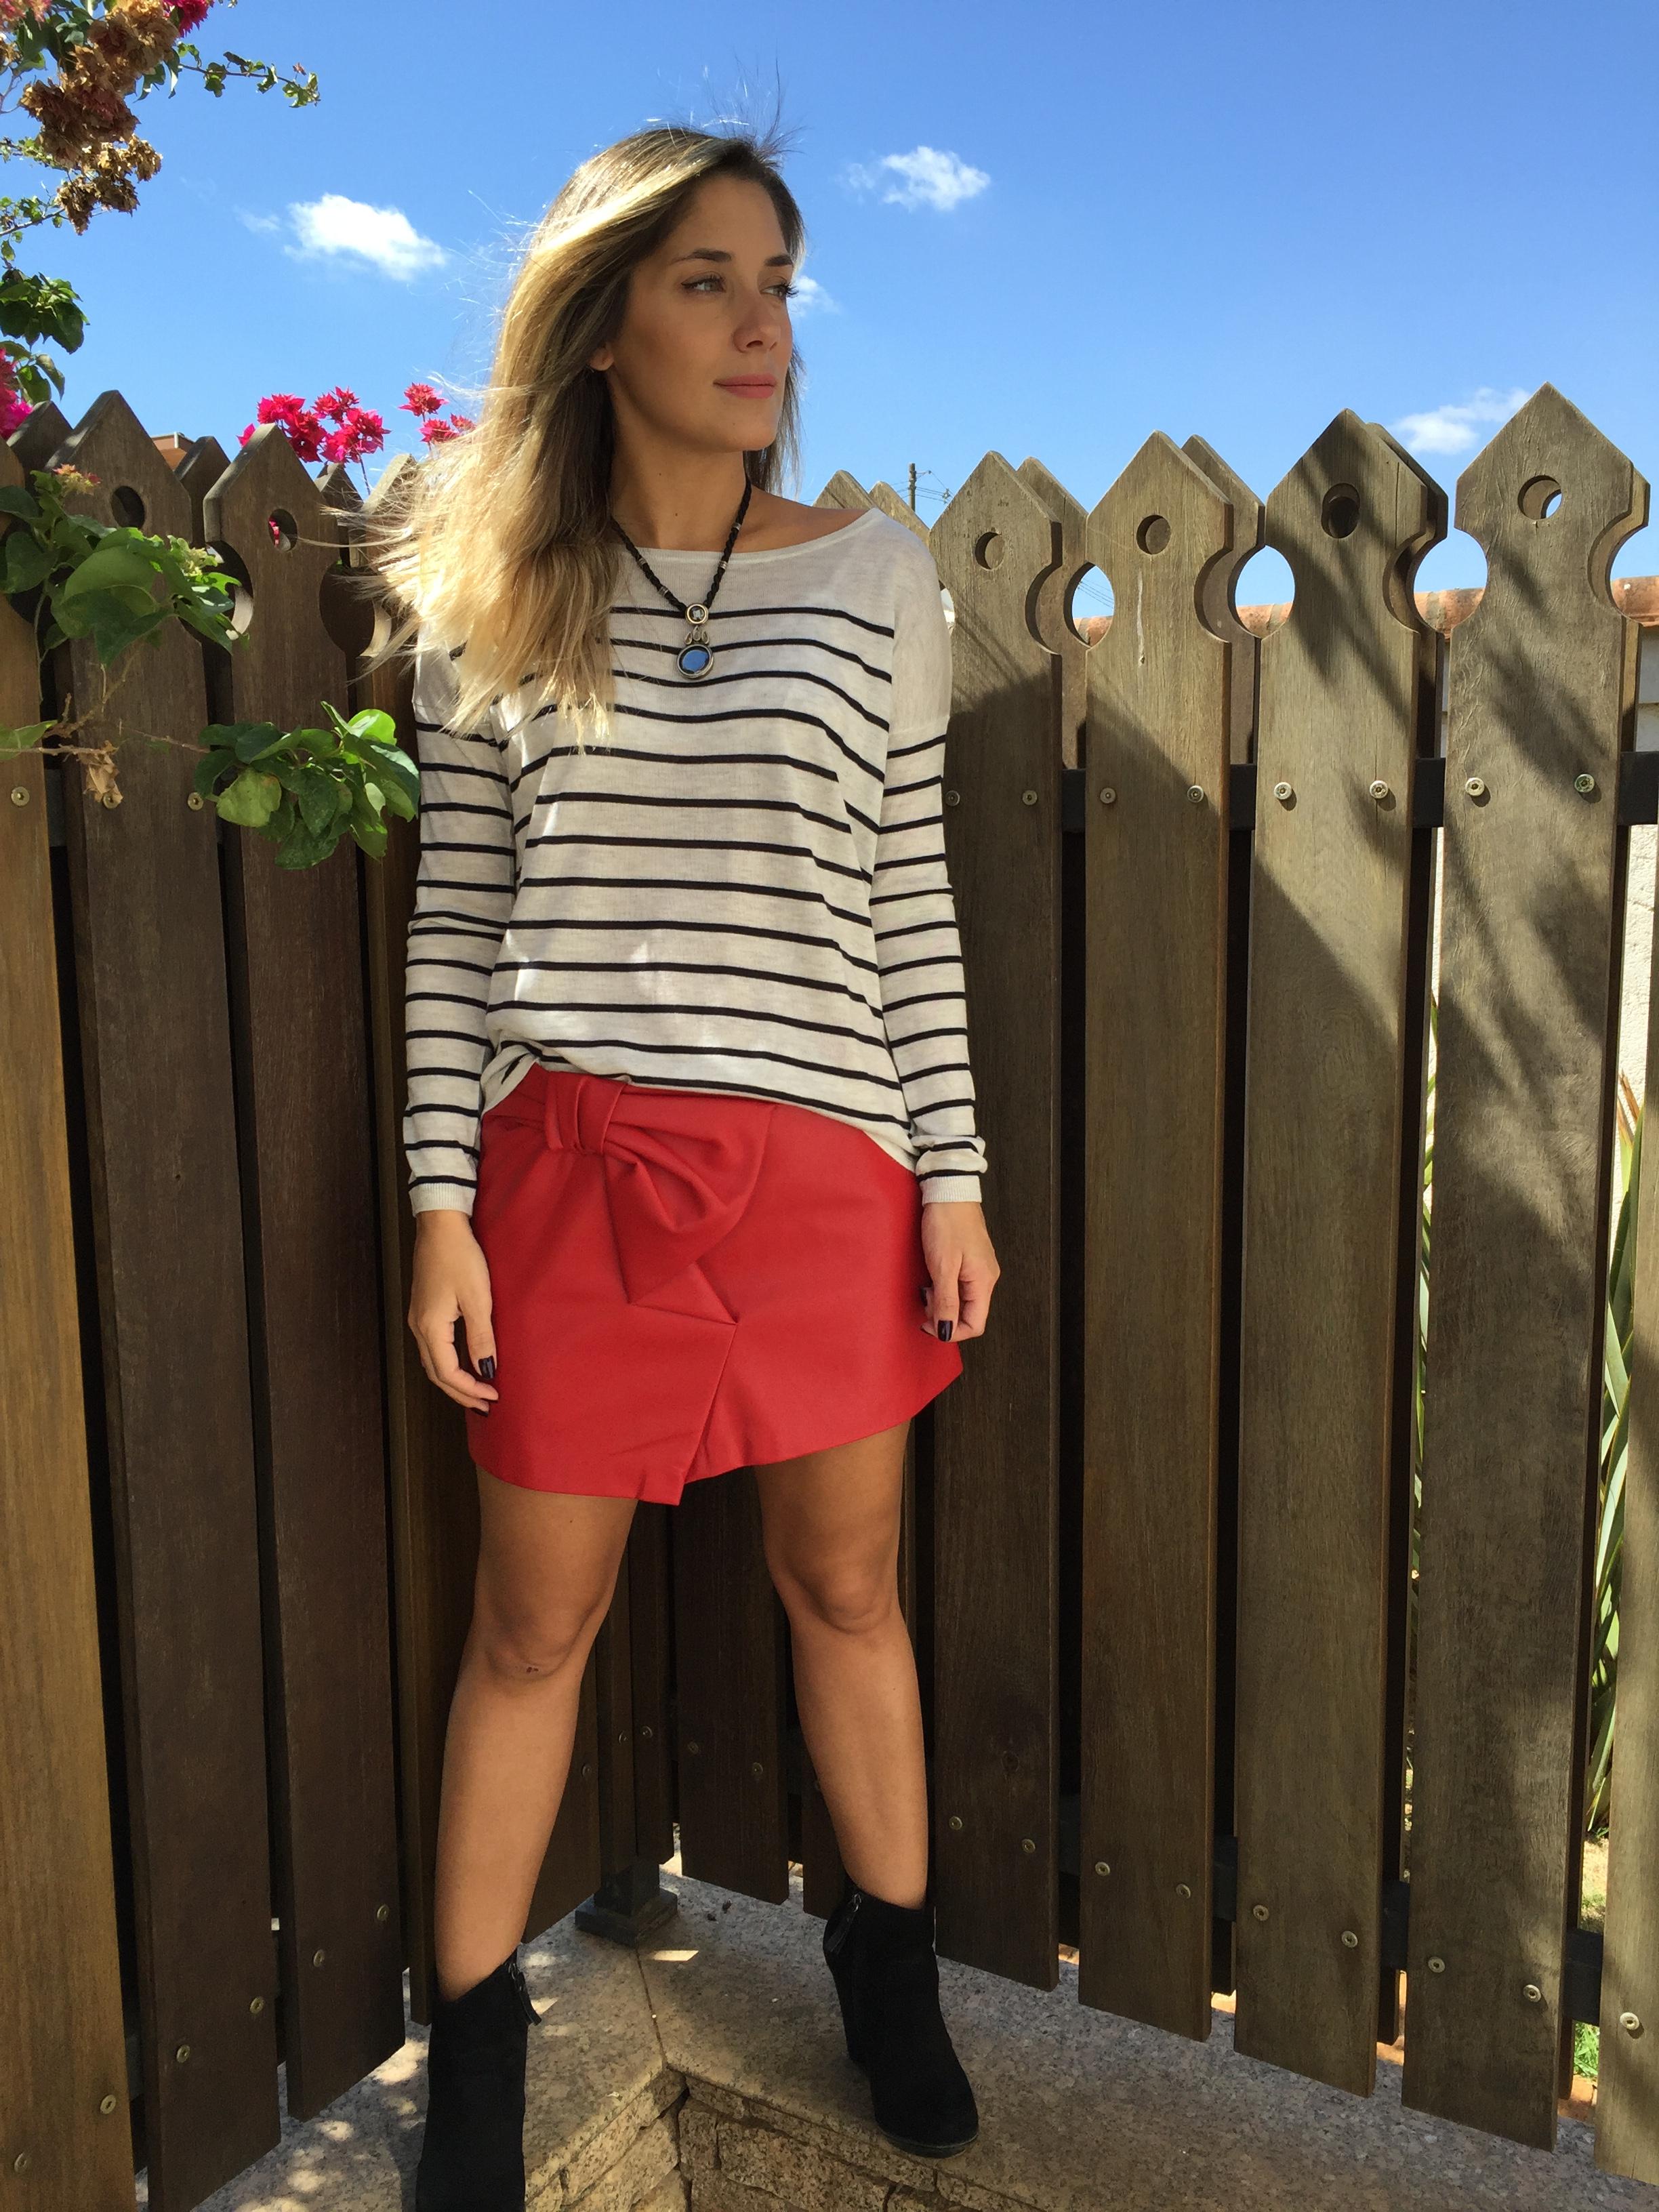 blusa: H&M/ colar: Sandra Frias Design